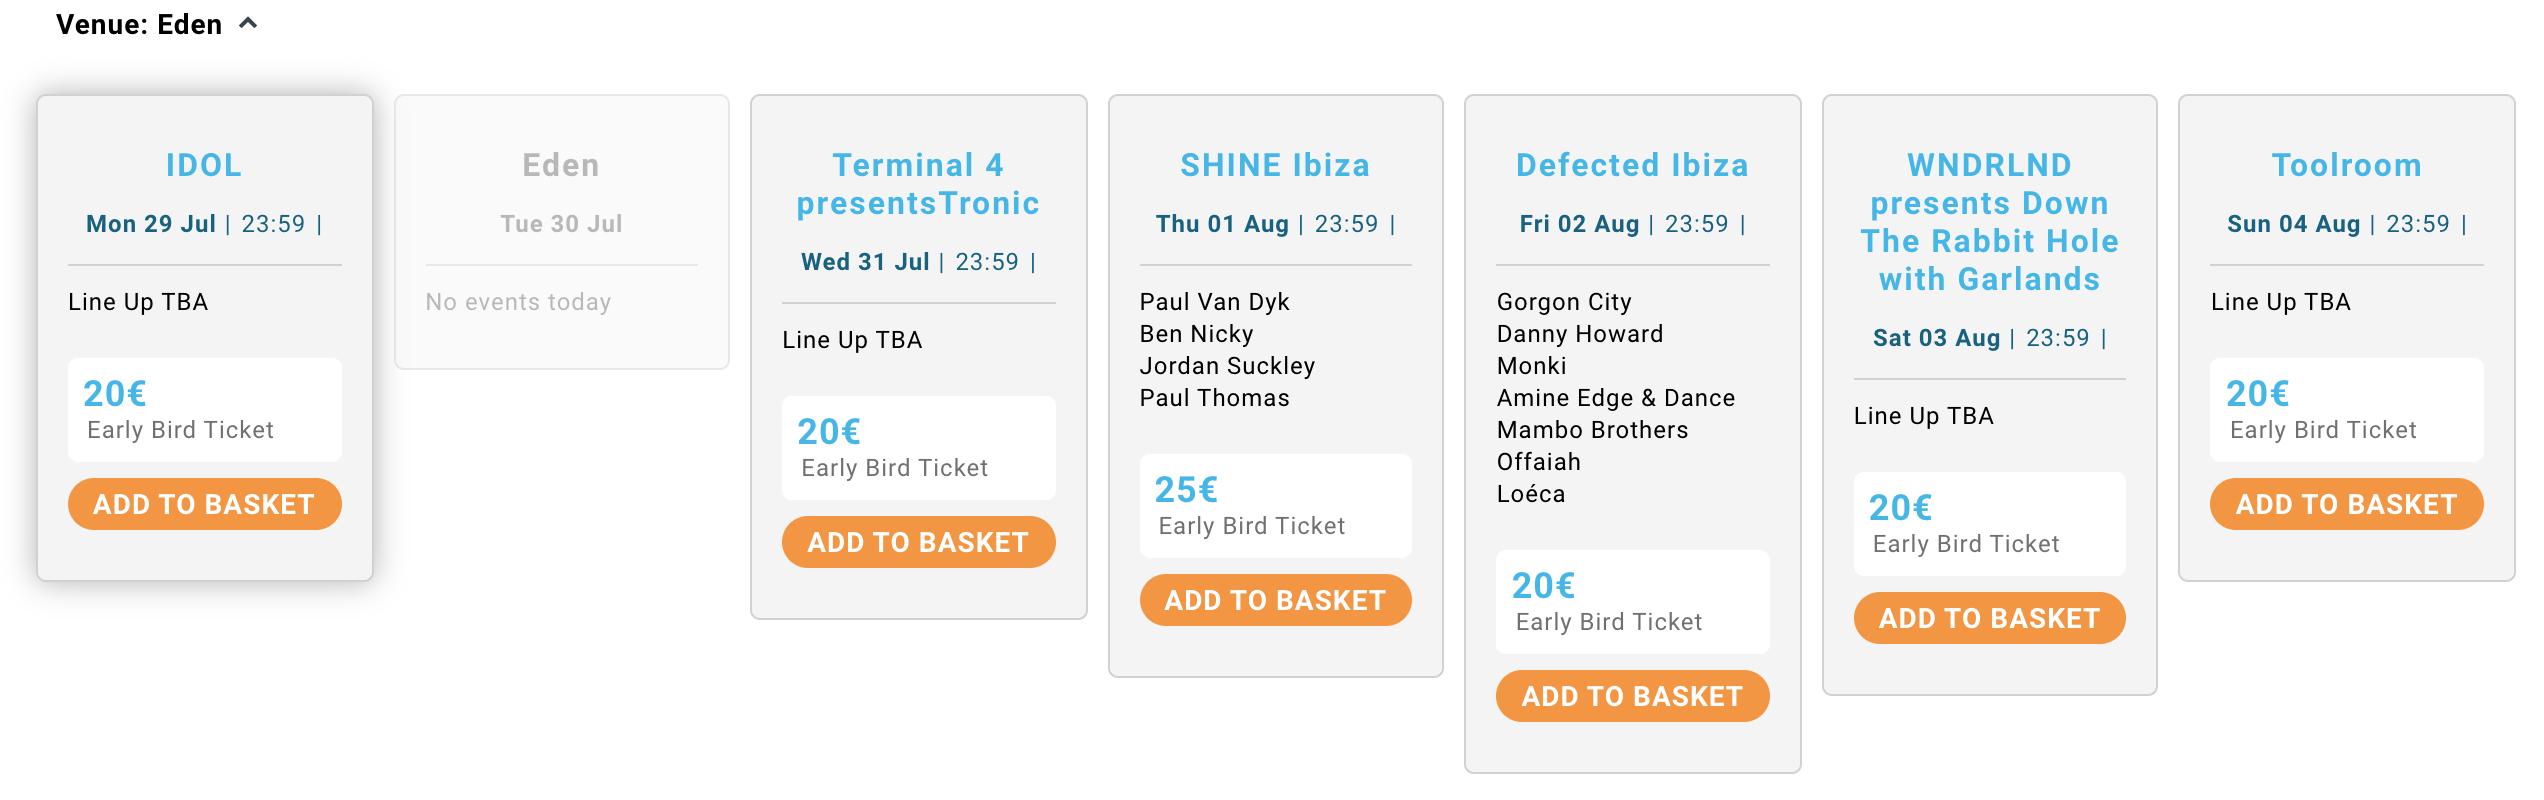 Eden Ibiza early bird ticket prices 2019